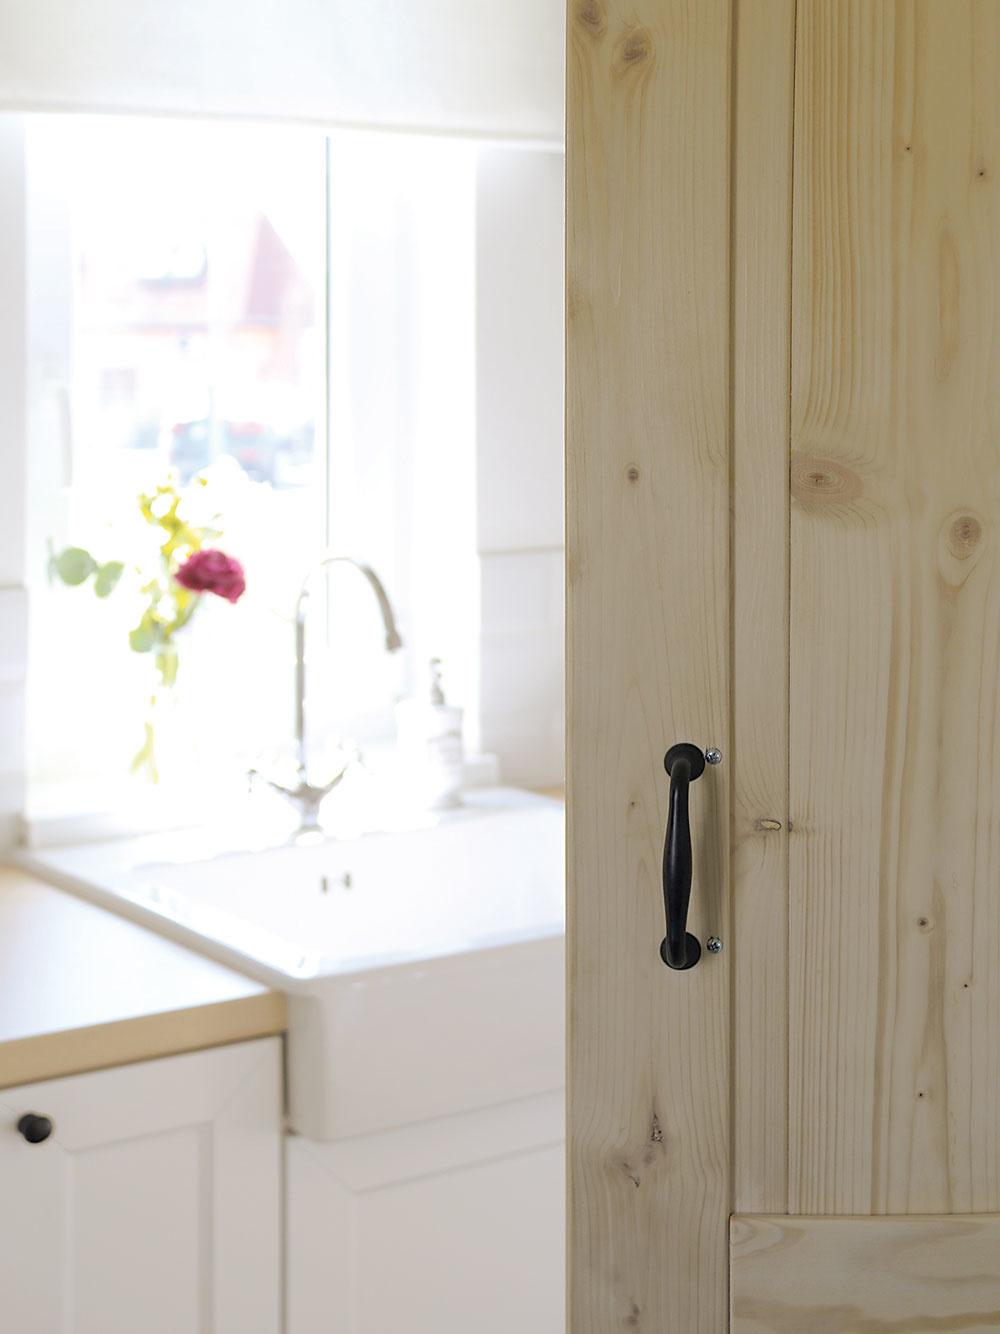 Posuvné dvere vedúce do kúpeľne patria podľa tímu Hausmaus knajvydarenejším interiérovým prvkom.